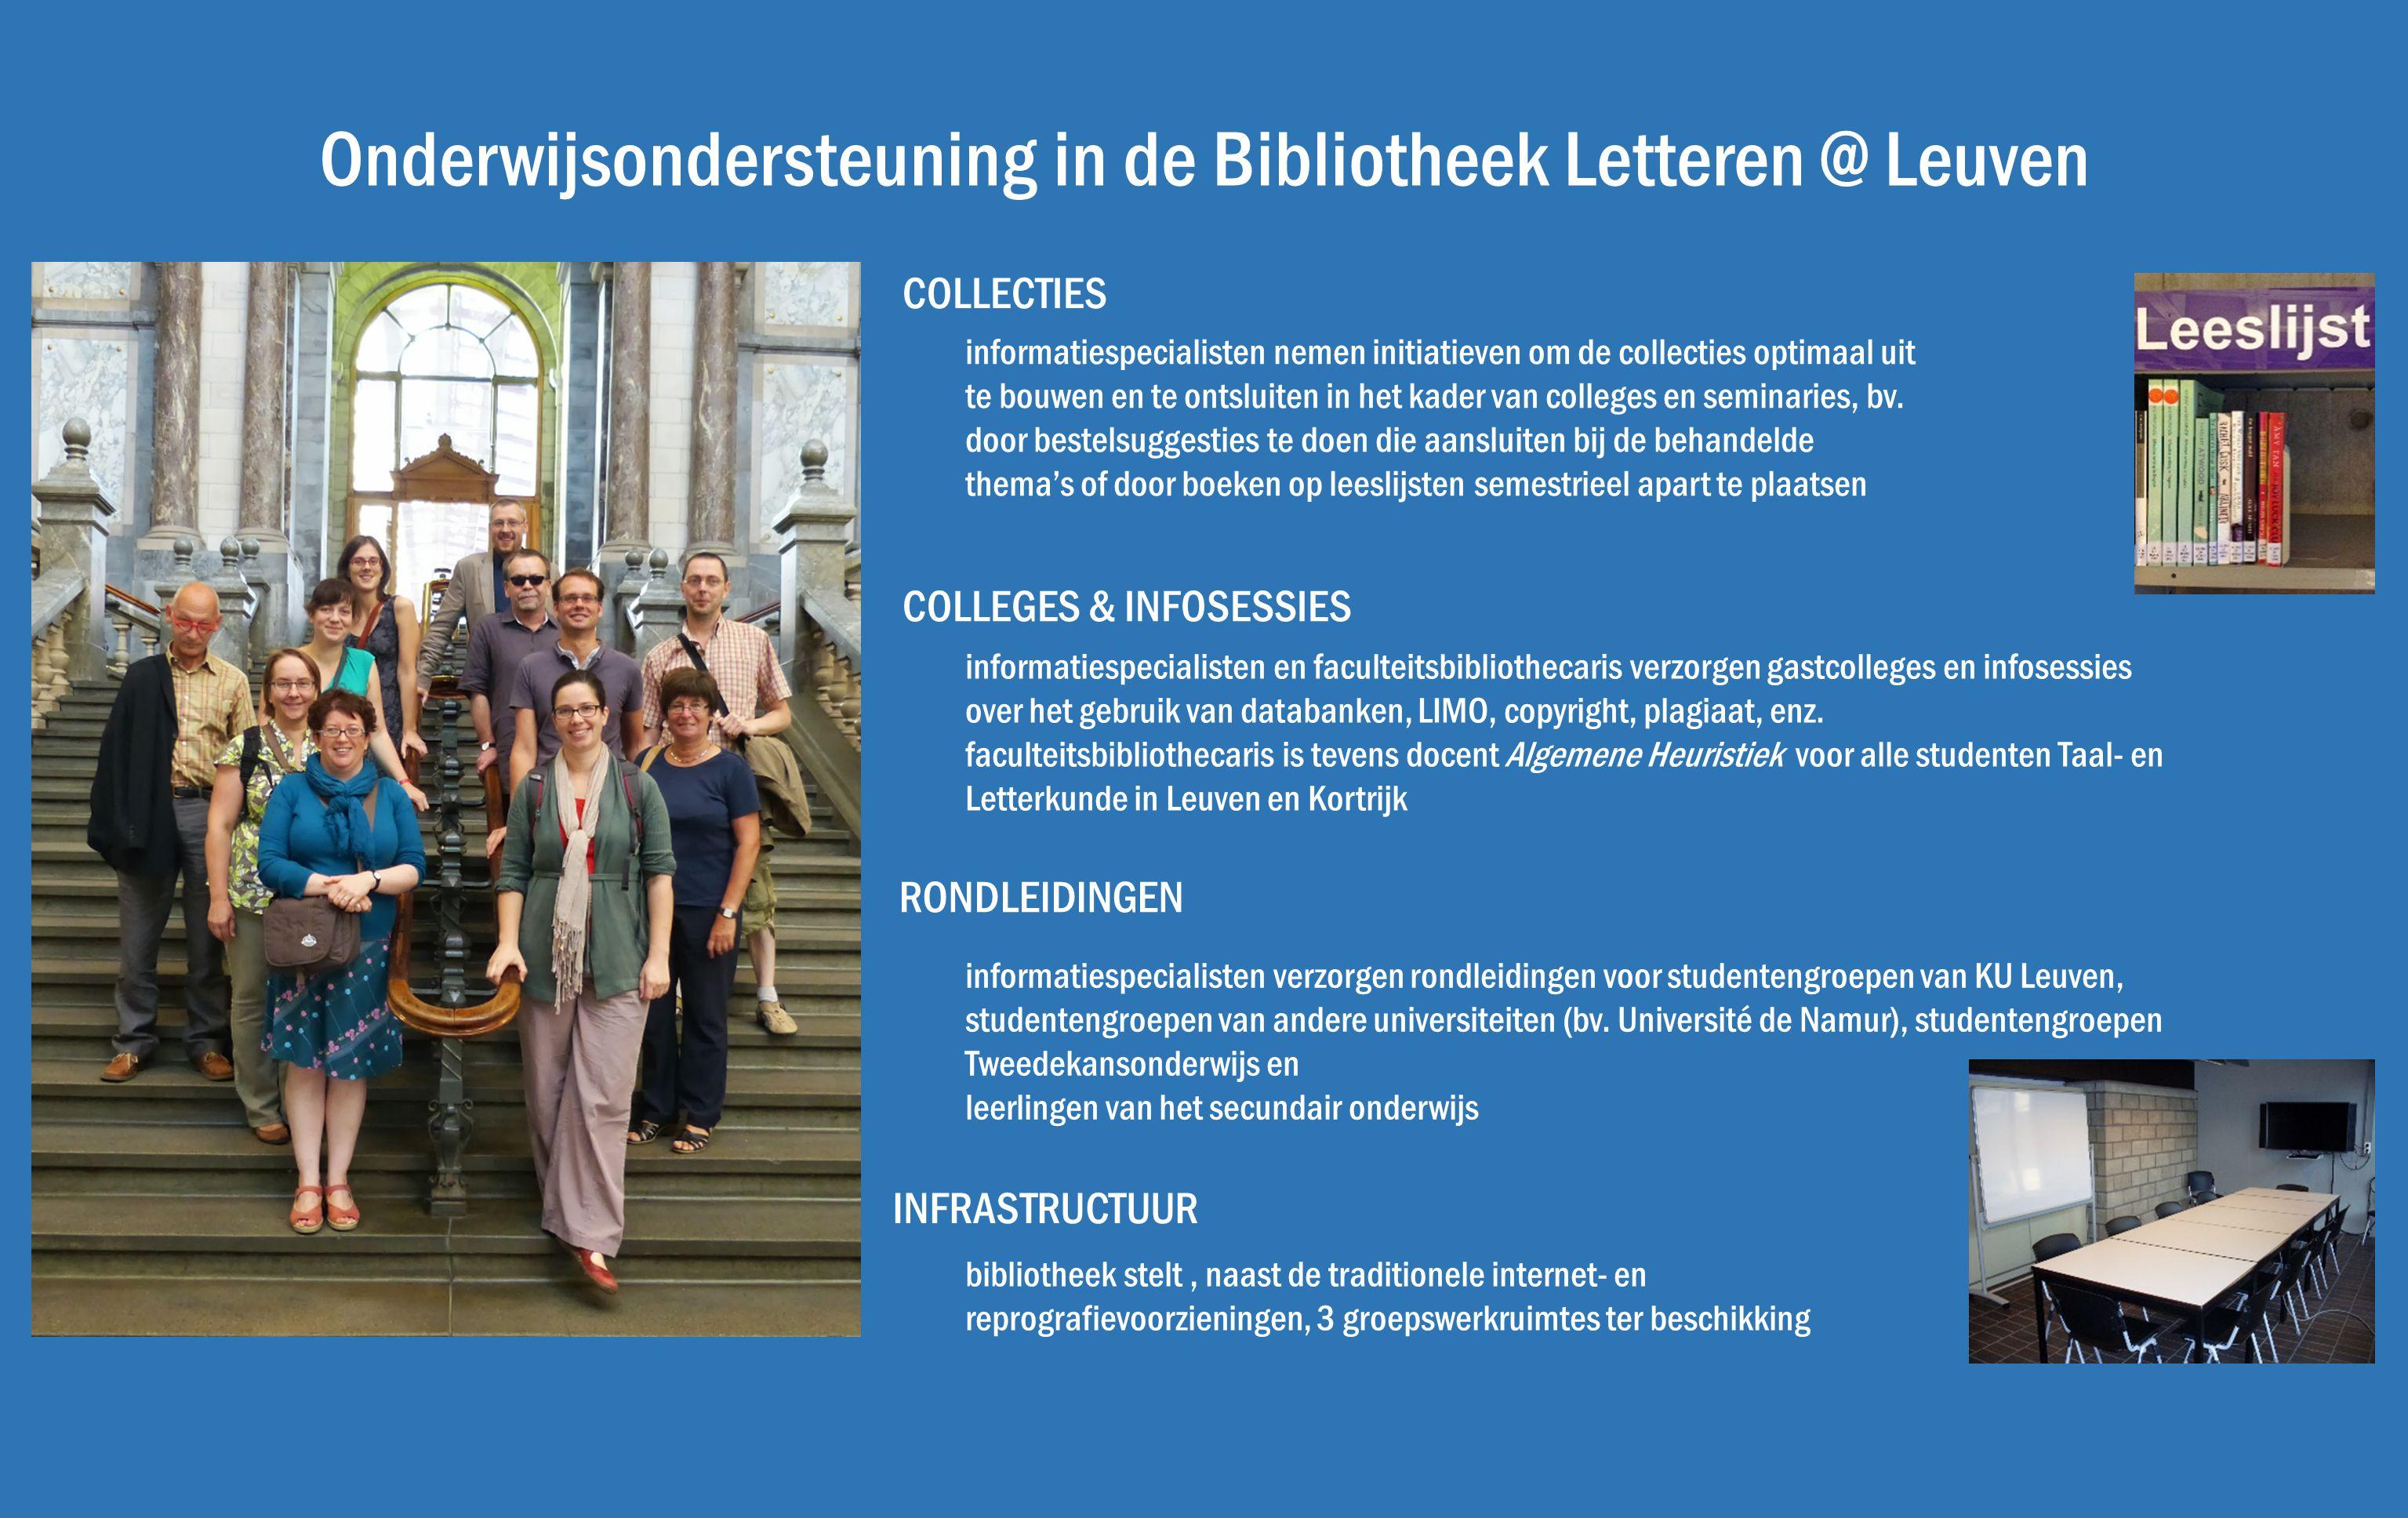 Onderwijsondersteuning in de Bibliotheek Letteren @ Leuven COLLECTIES INFRASTRUCTUUR RONDLEIDINGEN COLLEGES & INFOSESSIES informatiespecialisten en fa